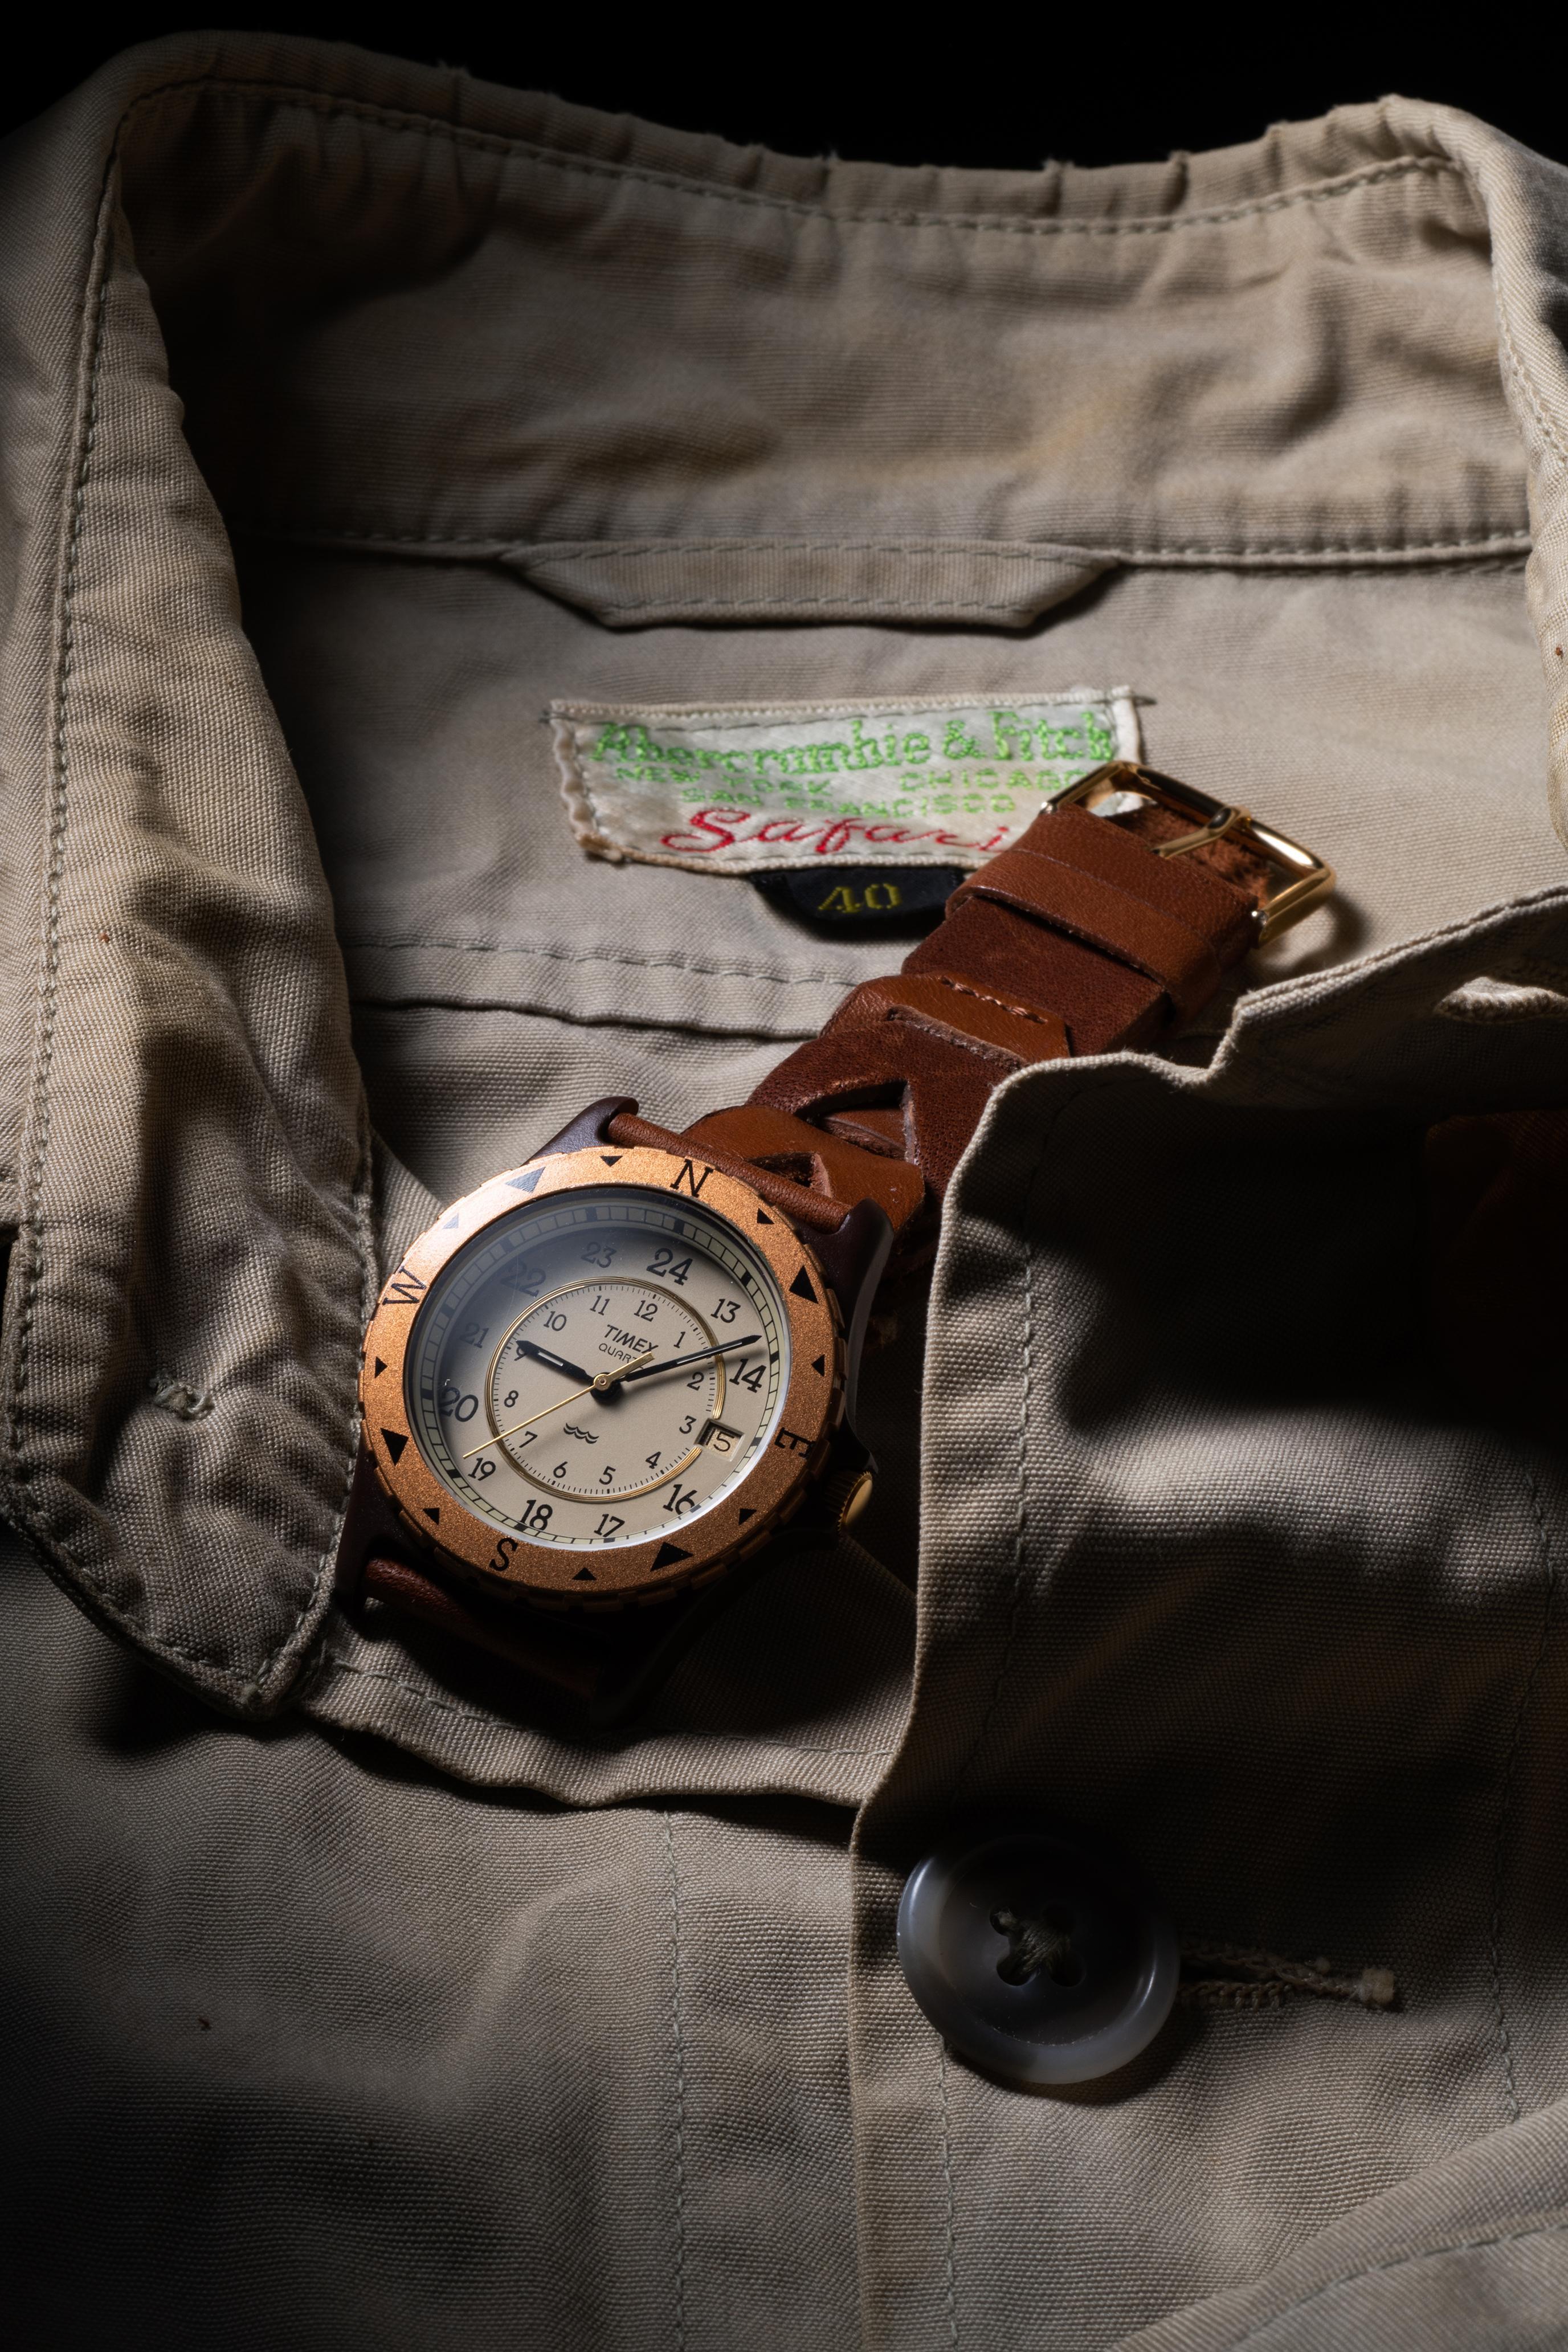 タイメックス・クロニクル - タイメックスと時が紡いだアメリカ物語  / トム・クルーズの着用で火がついた 1990年代の名機「サファリ」